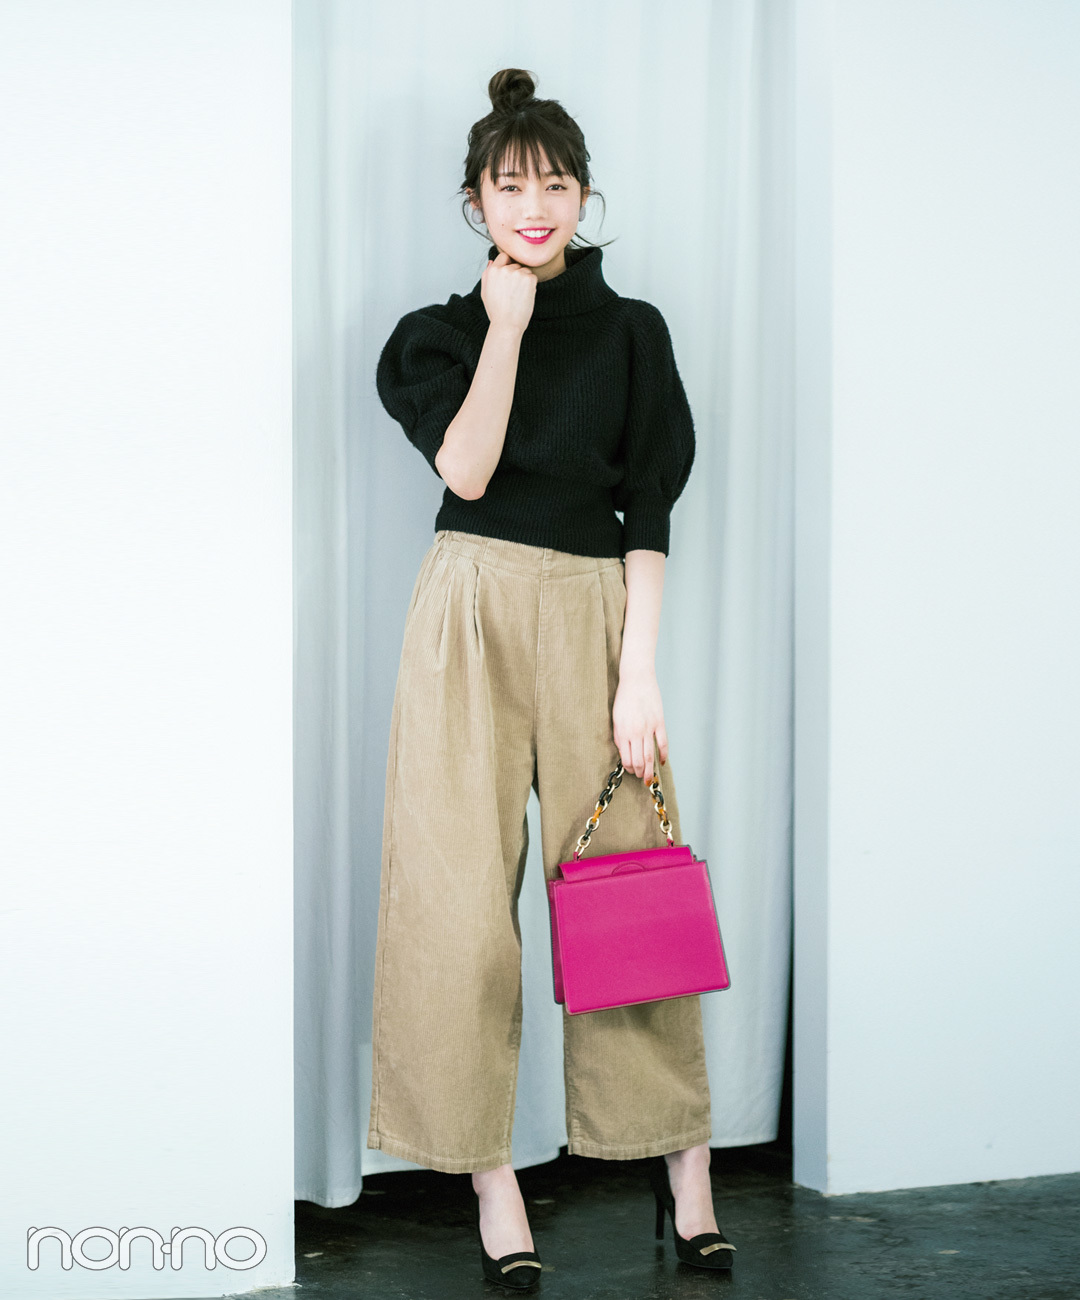 コーデュロイワイドパンツは差し色バッグで女の子らしさ倍増!【毎日コーデ】